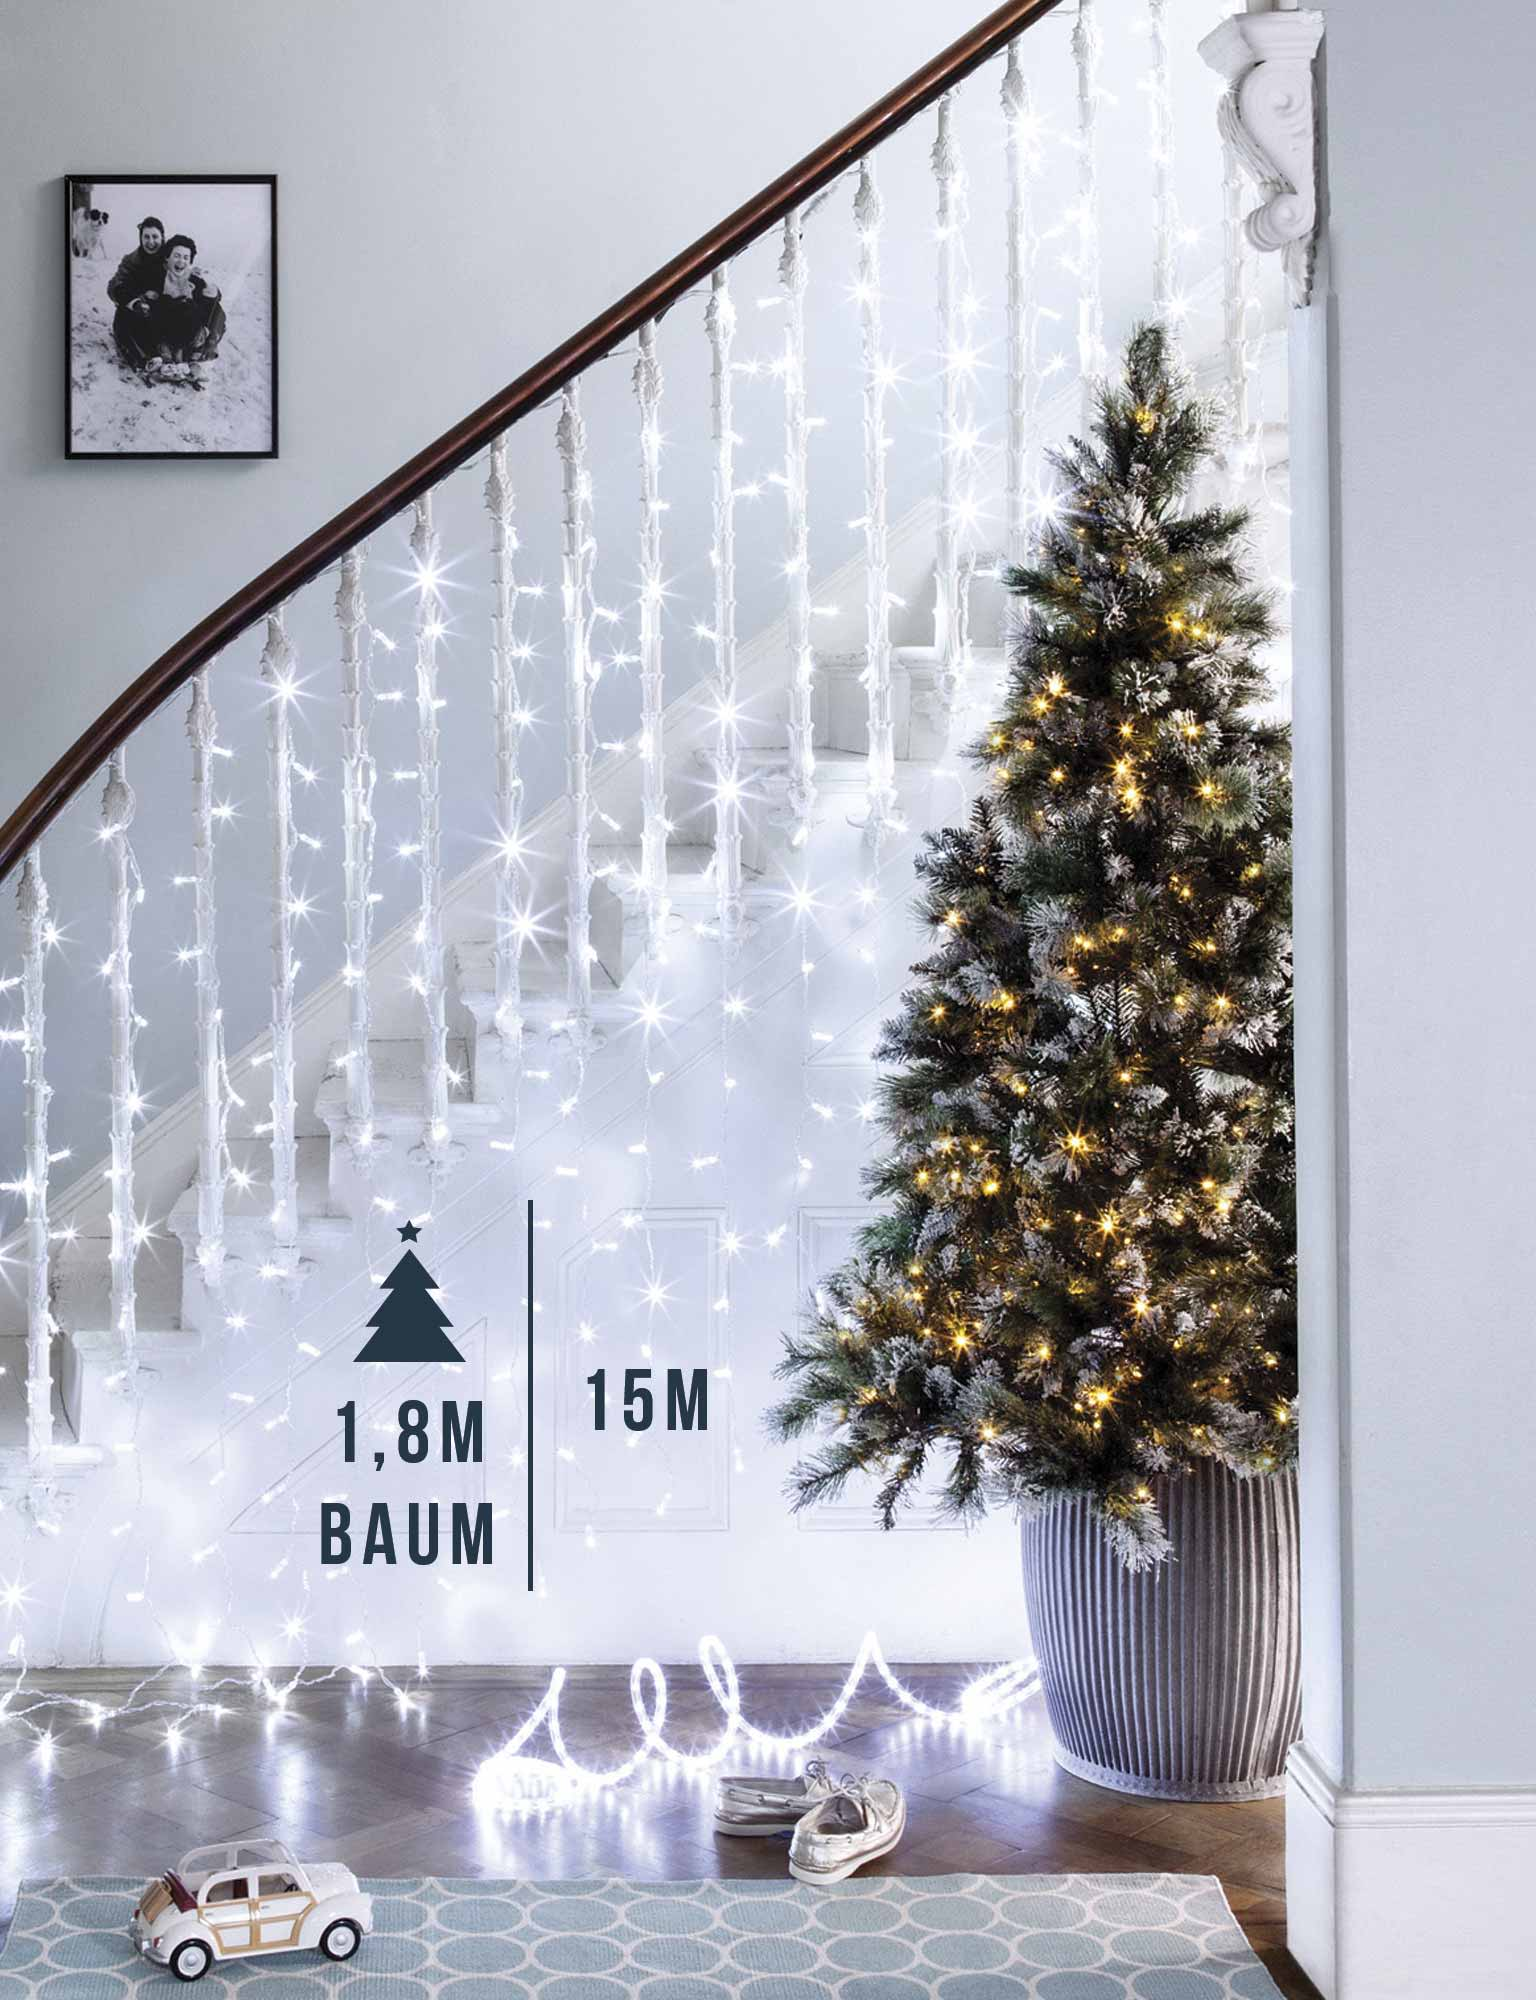 Weihnachtsbeleuchtung Außen Reduziert.Wie Viele Lichter Für Meinen Weihnachtsbaum Lights4fun De